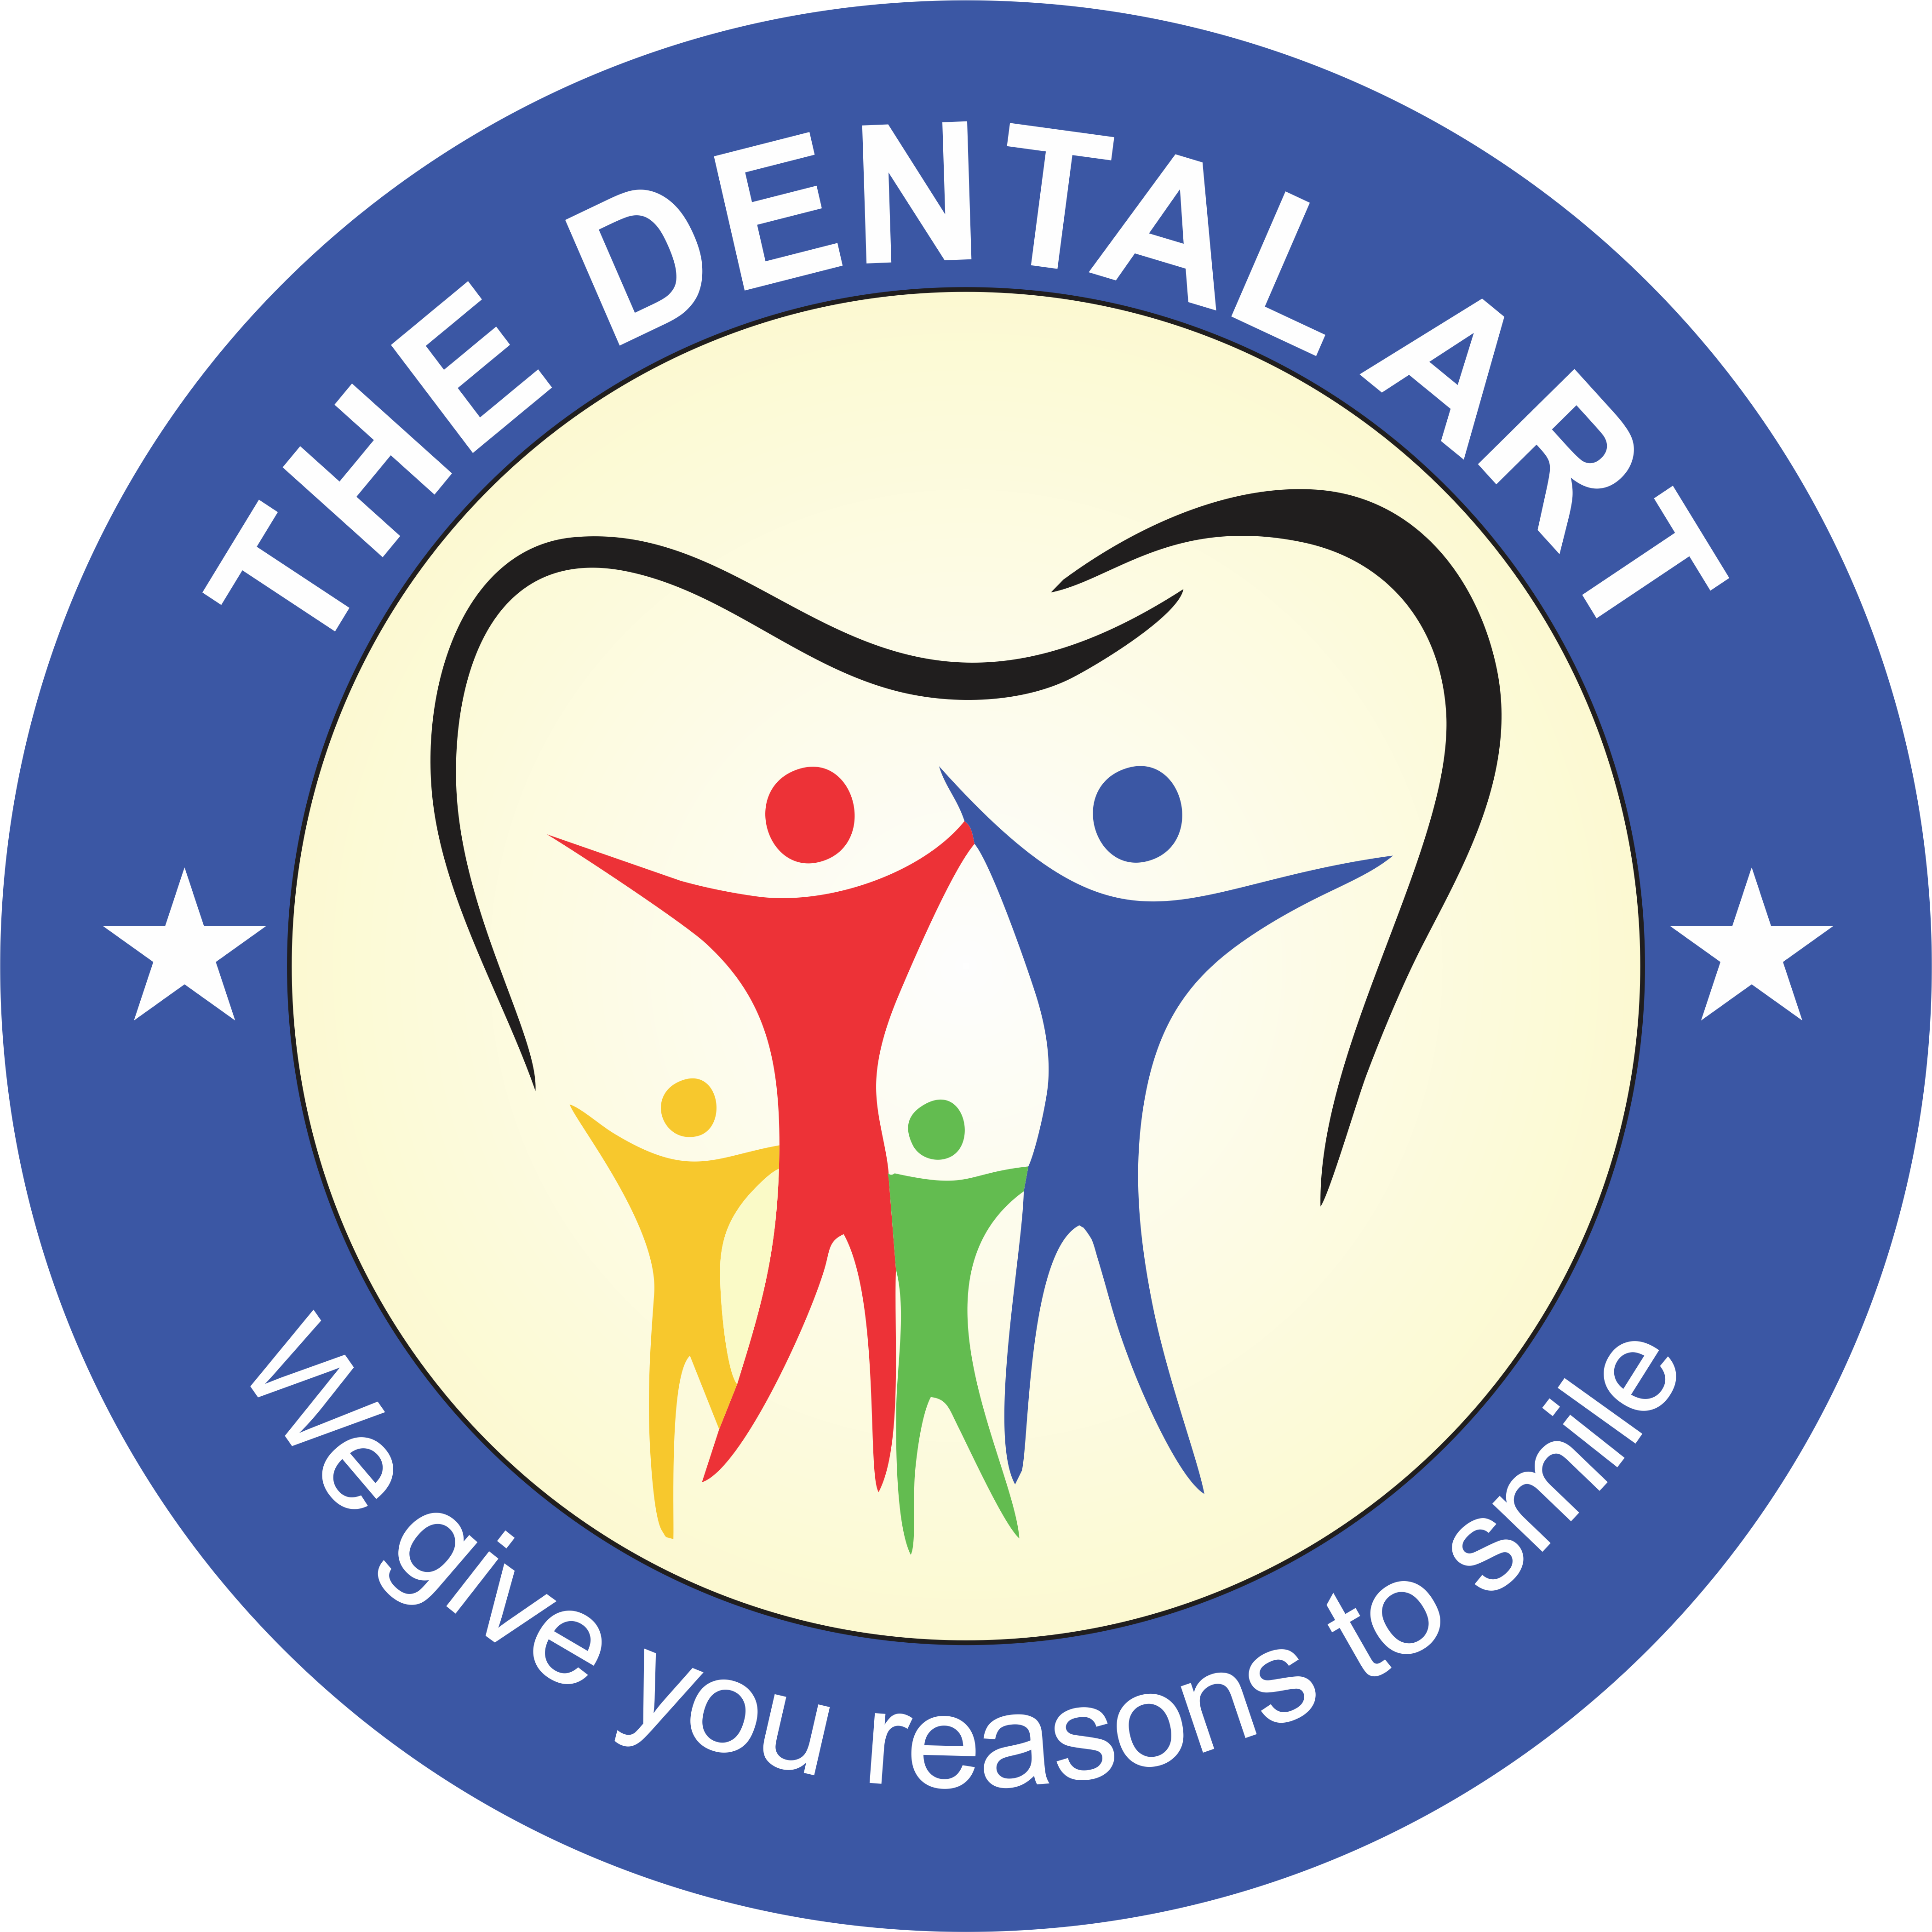 The Dental Art Orthodontic & Laser Centre